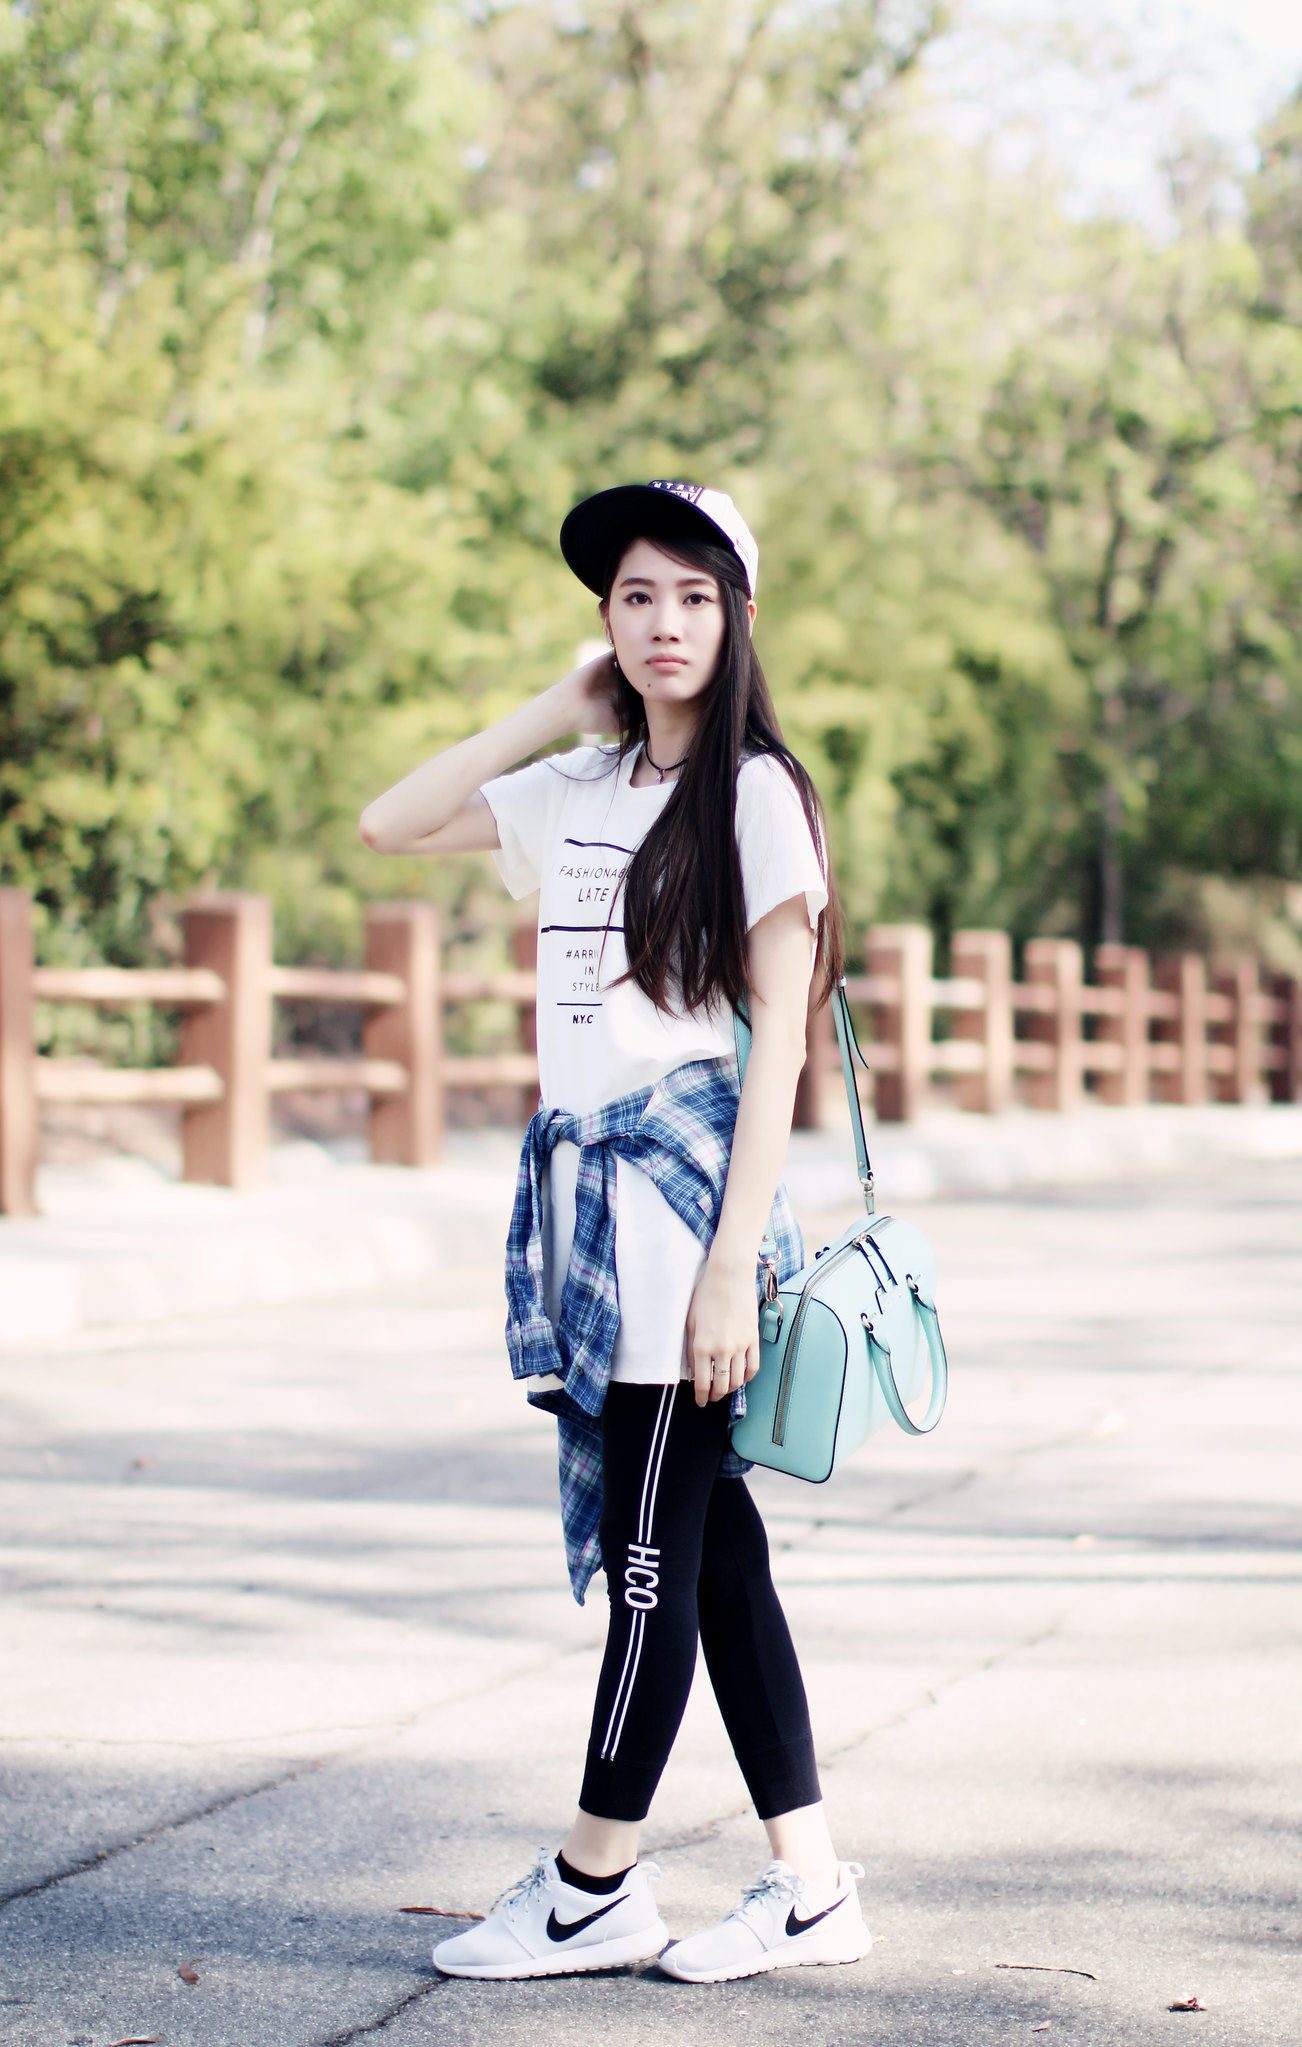 9967-fashionably-late-tshirt-dress-korean-fashion-sporty-chic-athleisure-summer-fashion